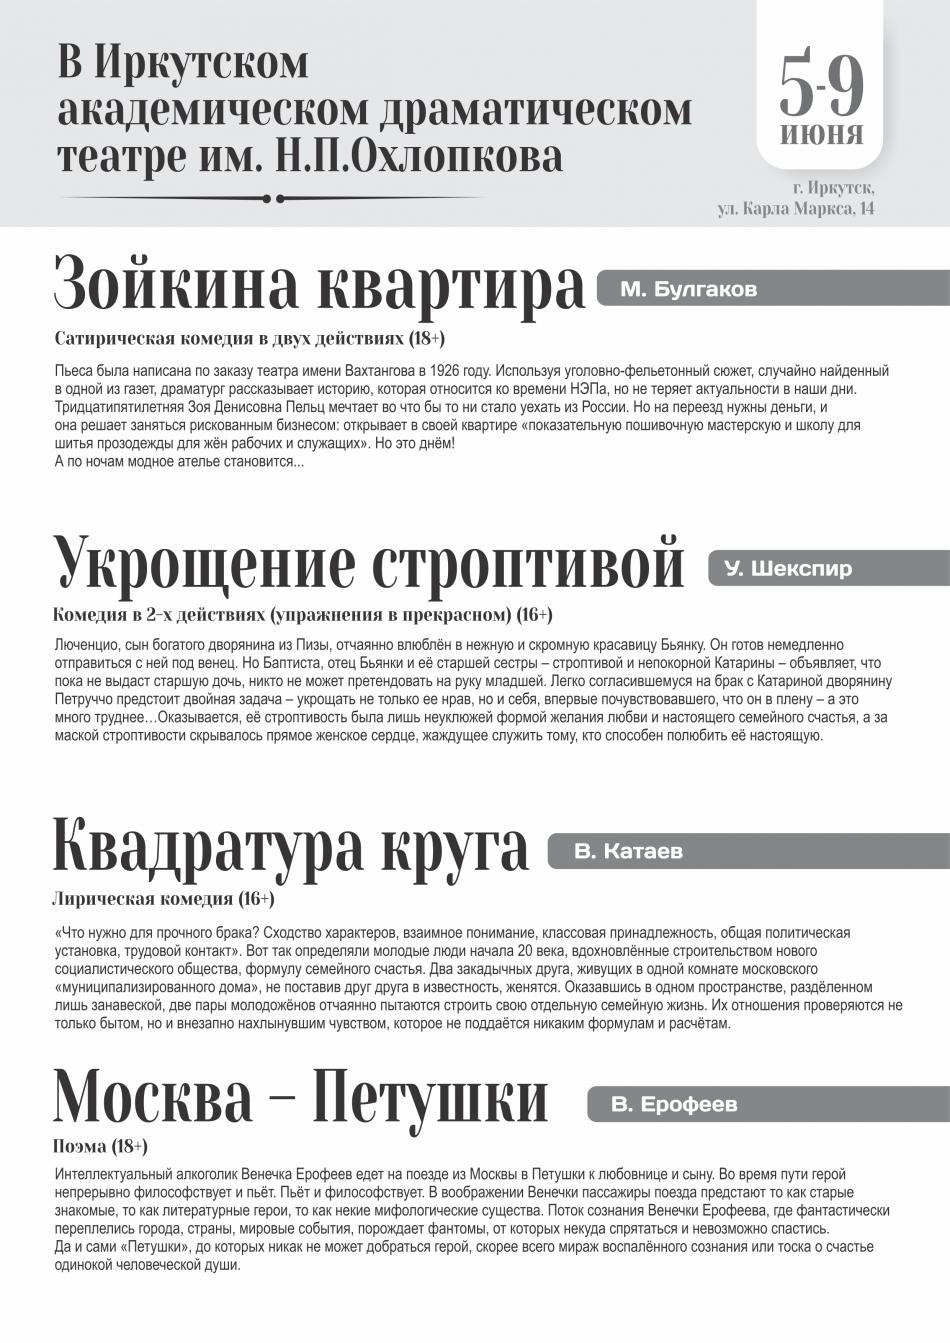 Гастроли Алтайского краевого театра драмы им. В.М. Шукшина